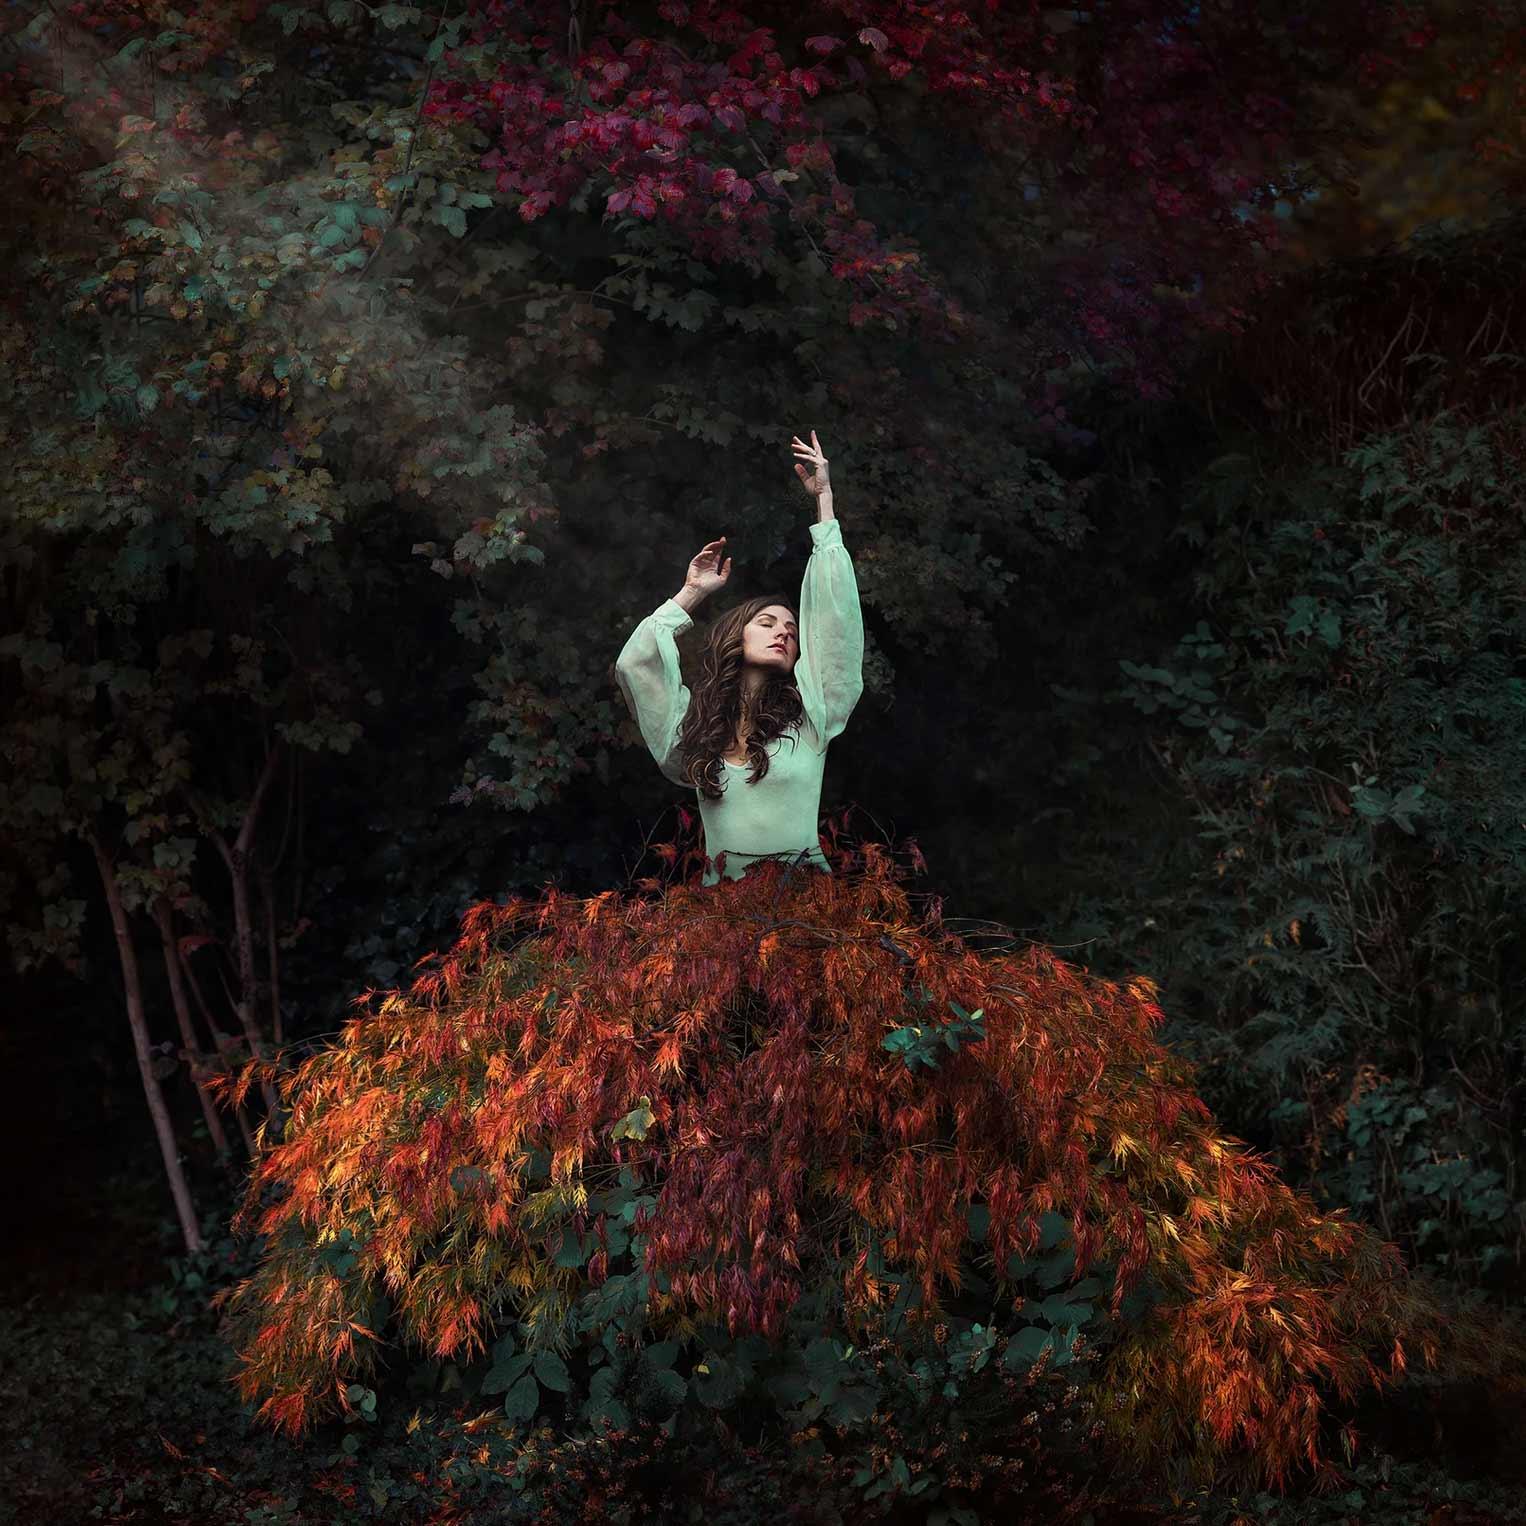 Charakterstarke Selbstportraits von Veronika Lavey Veronika-Lavey-Fotografie_02